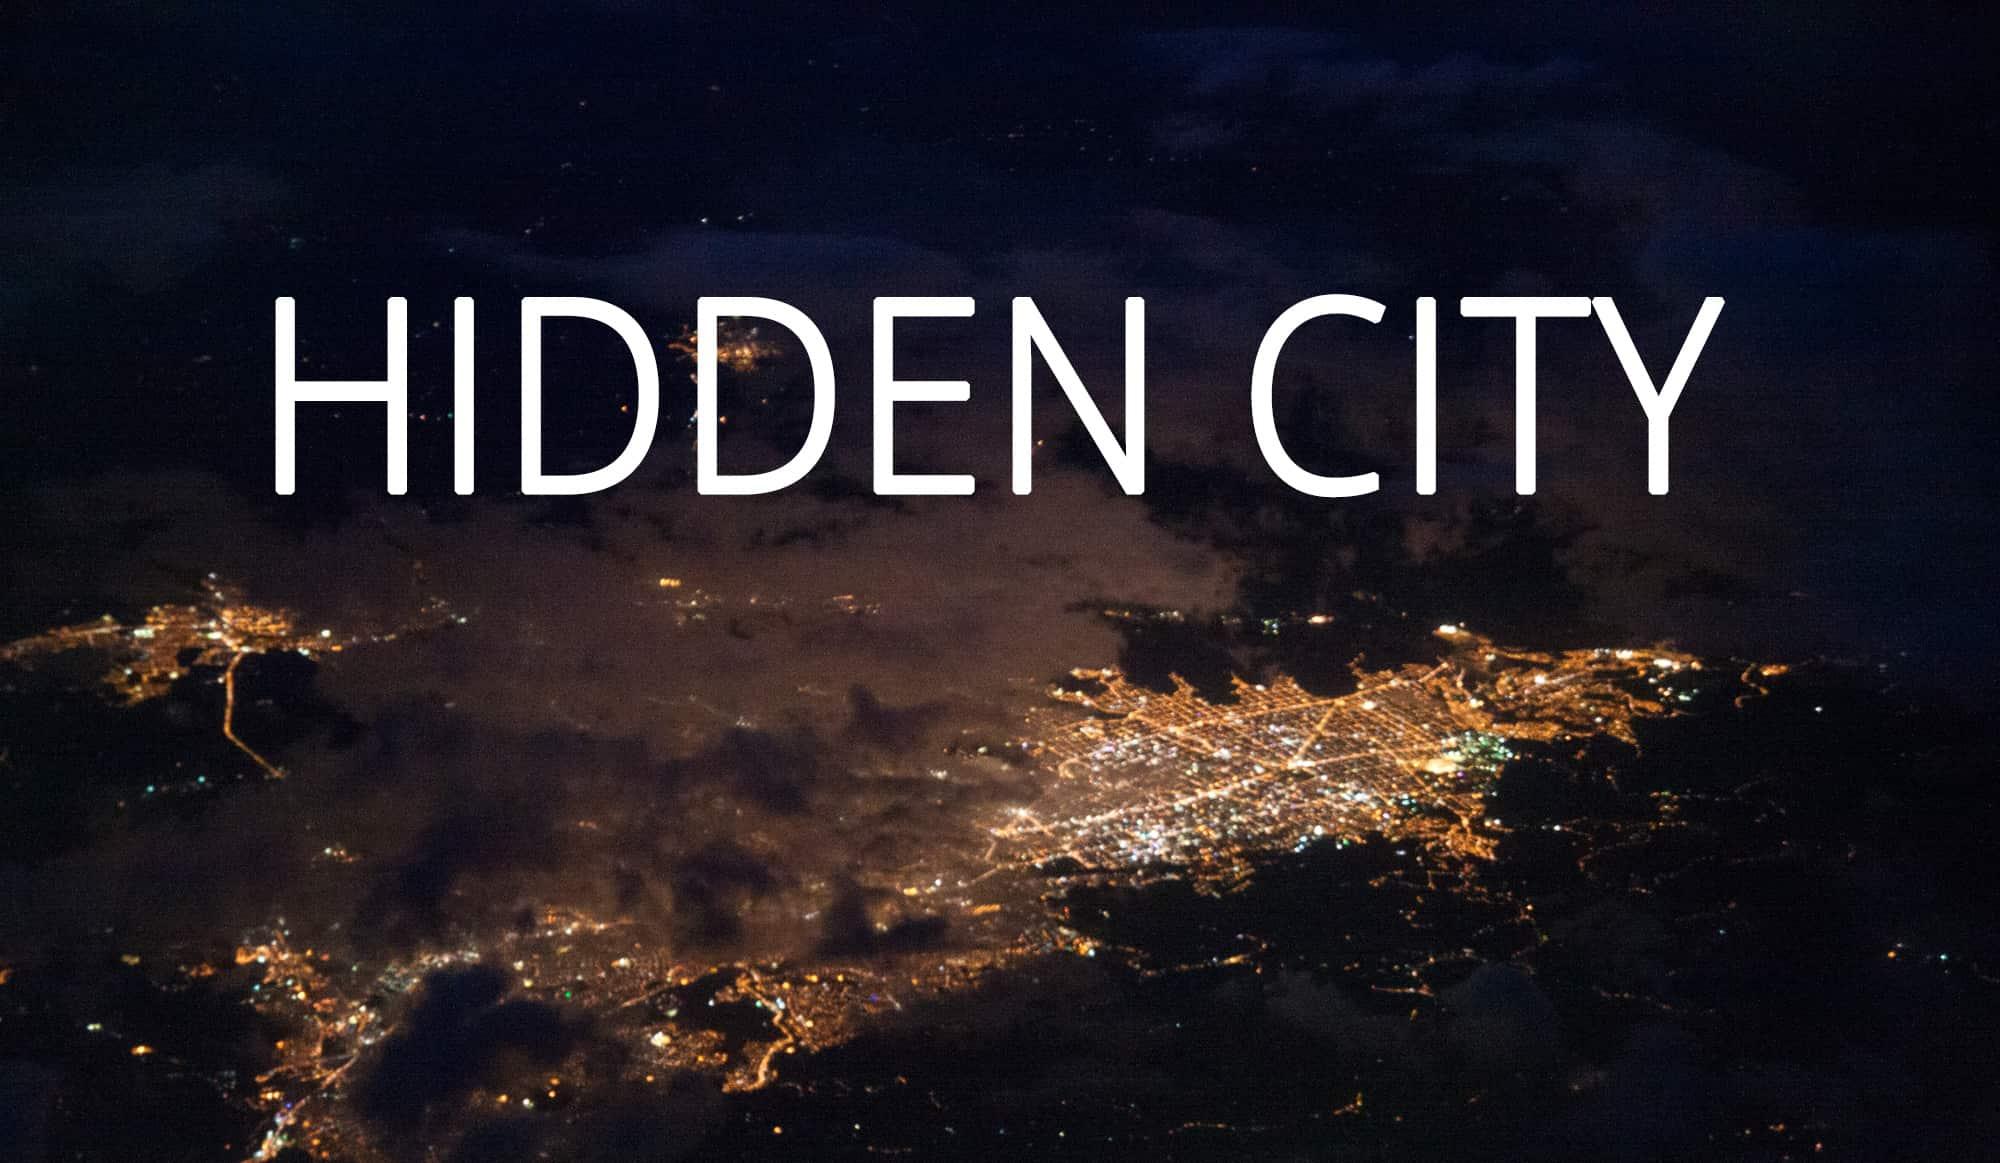 hidden city spielanleitung